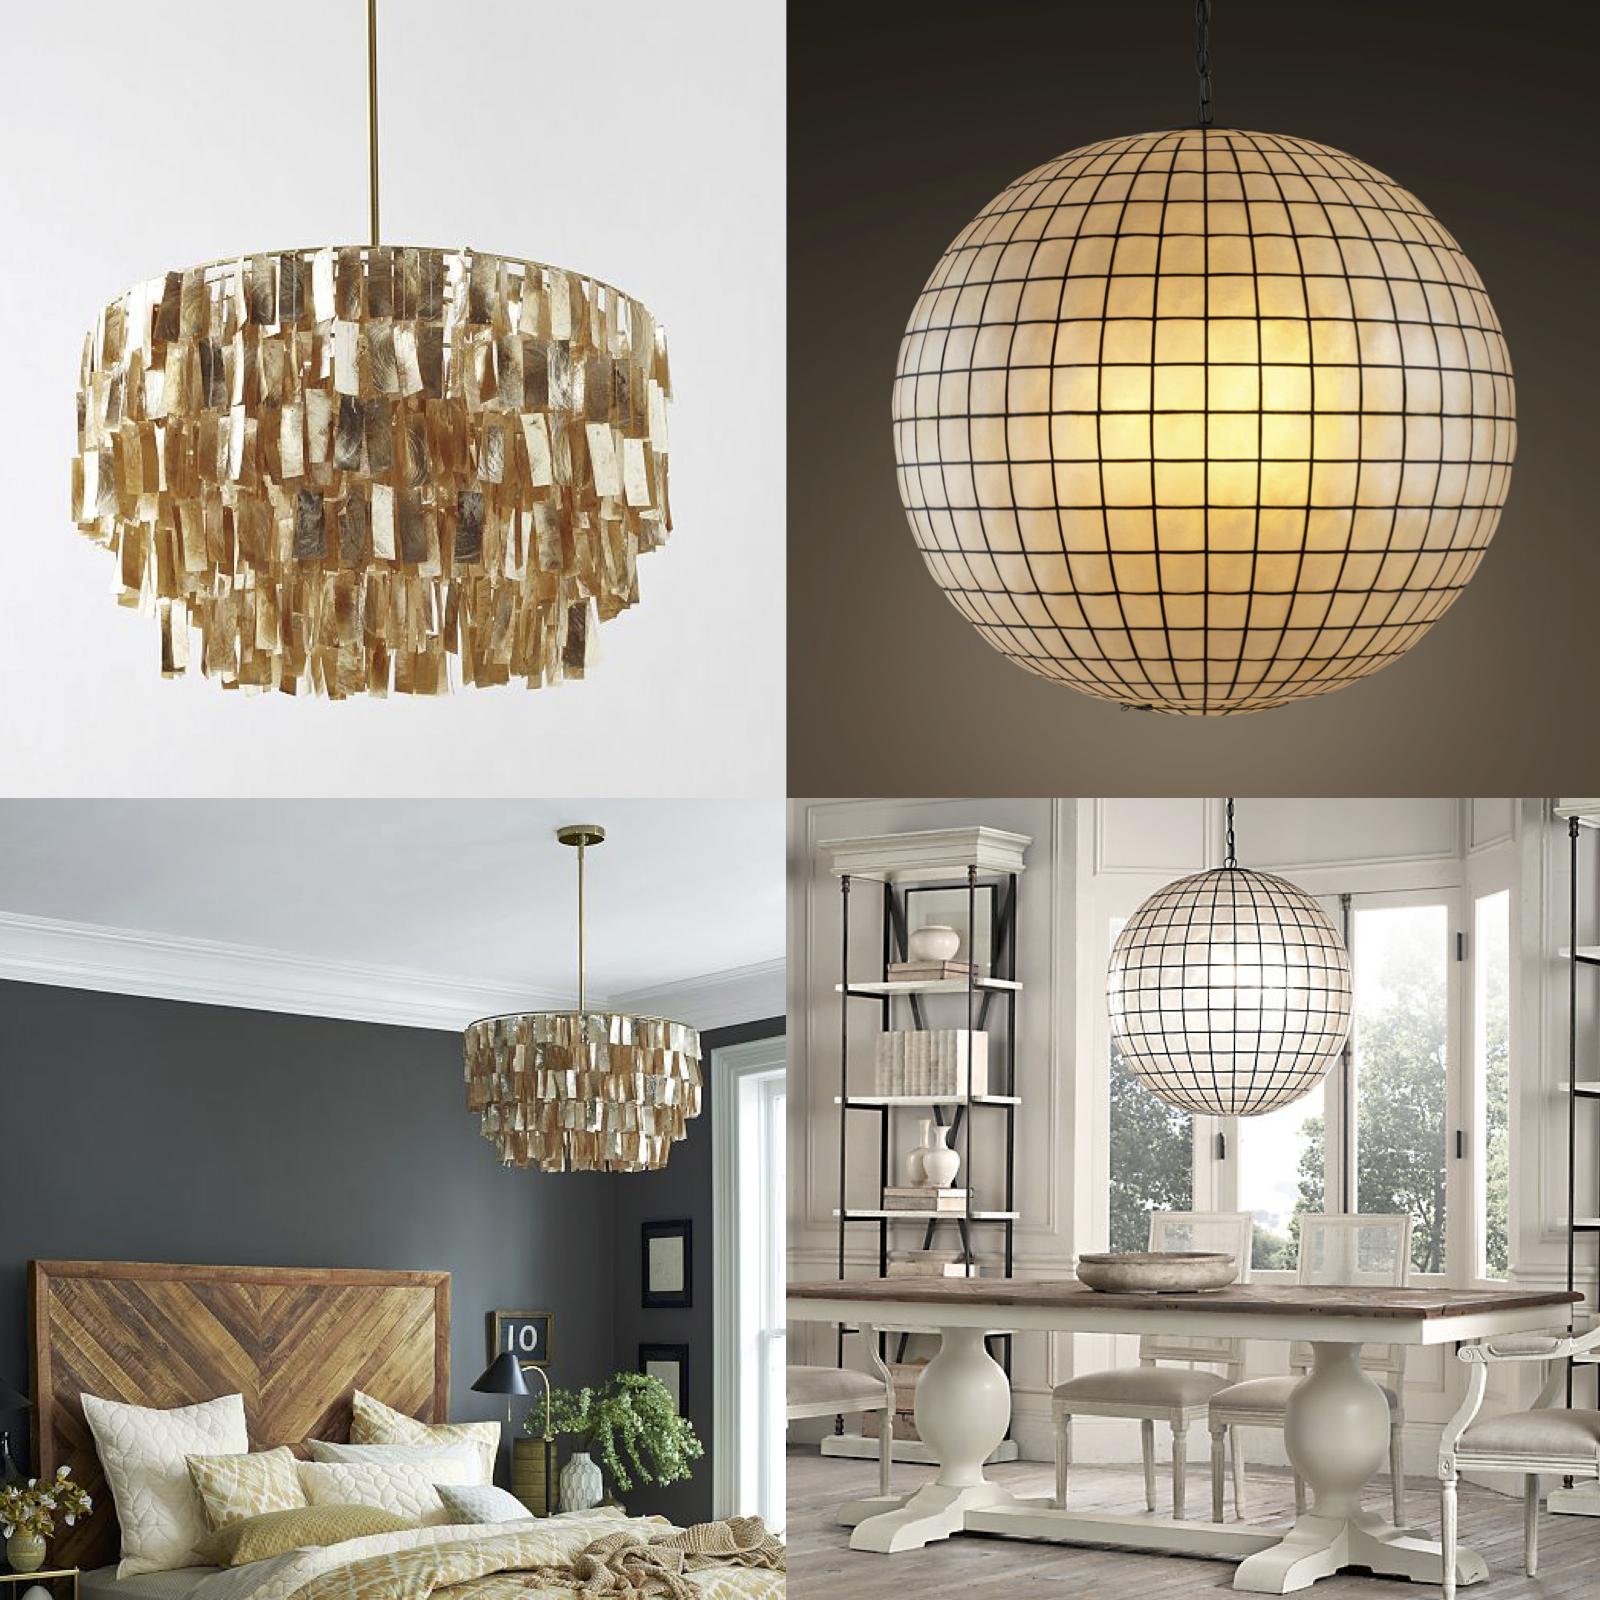 capiz shell lighting fixtures. bedroom progress light fixture inspired by charm capiz shell lighting fixtures h